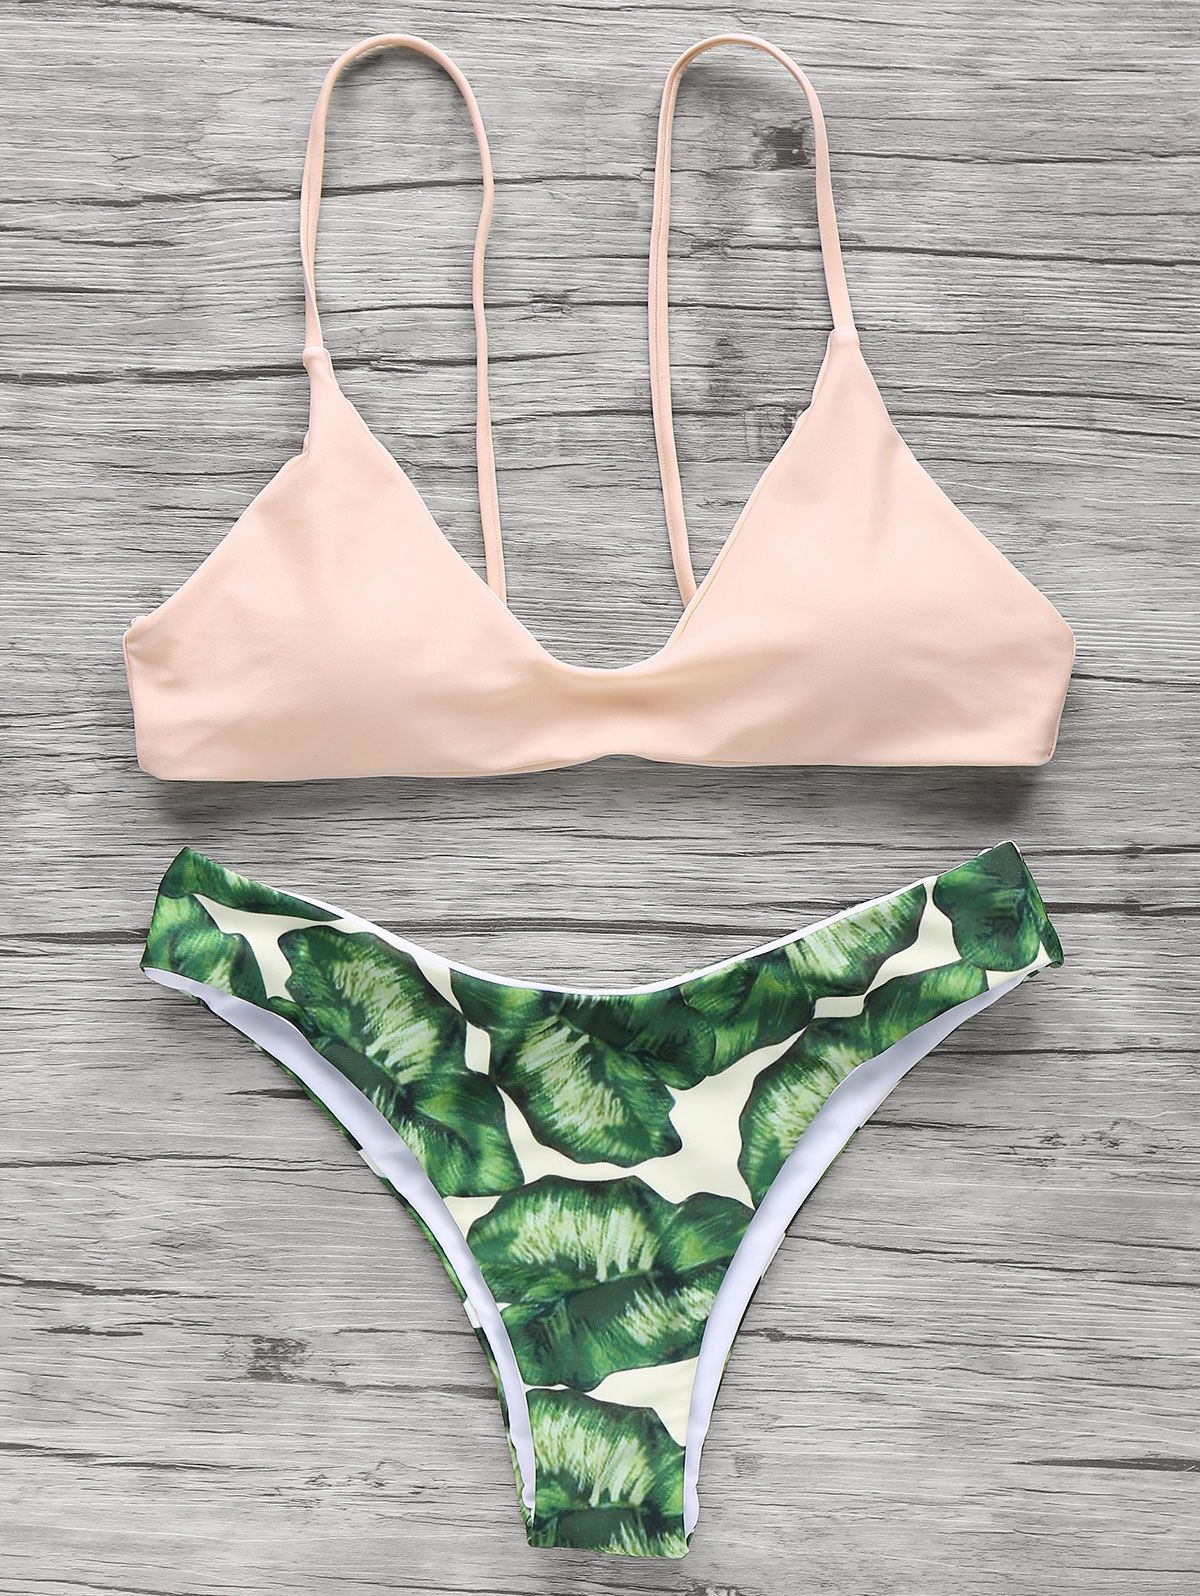 0707efc379833 Pink and Green Leaf Print Cami Elastic Bikini Set #Pink_and_Green  #Leaf_Print #Bikini #Fashion